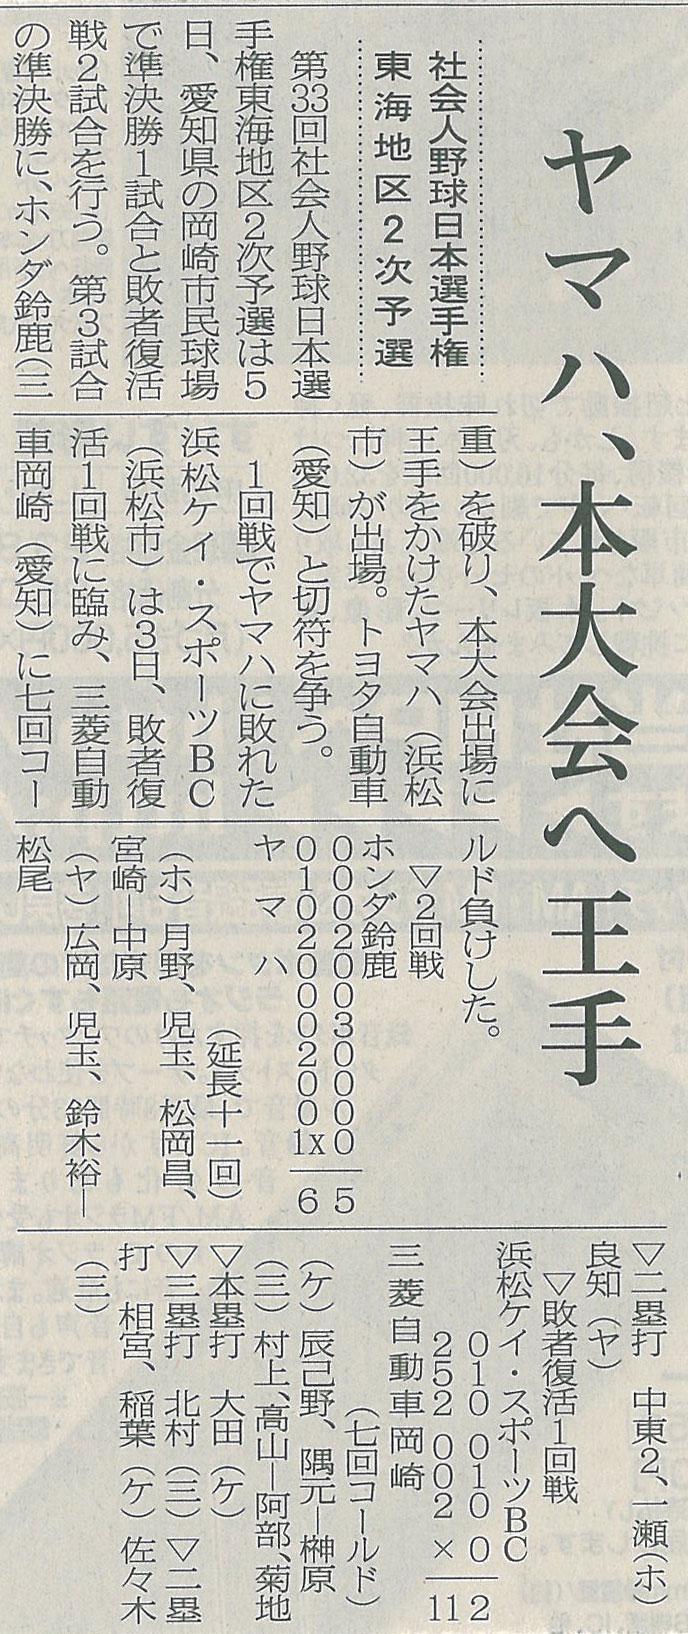 第33回社会人野球日本選手権東海地区2次予選